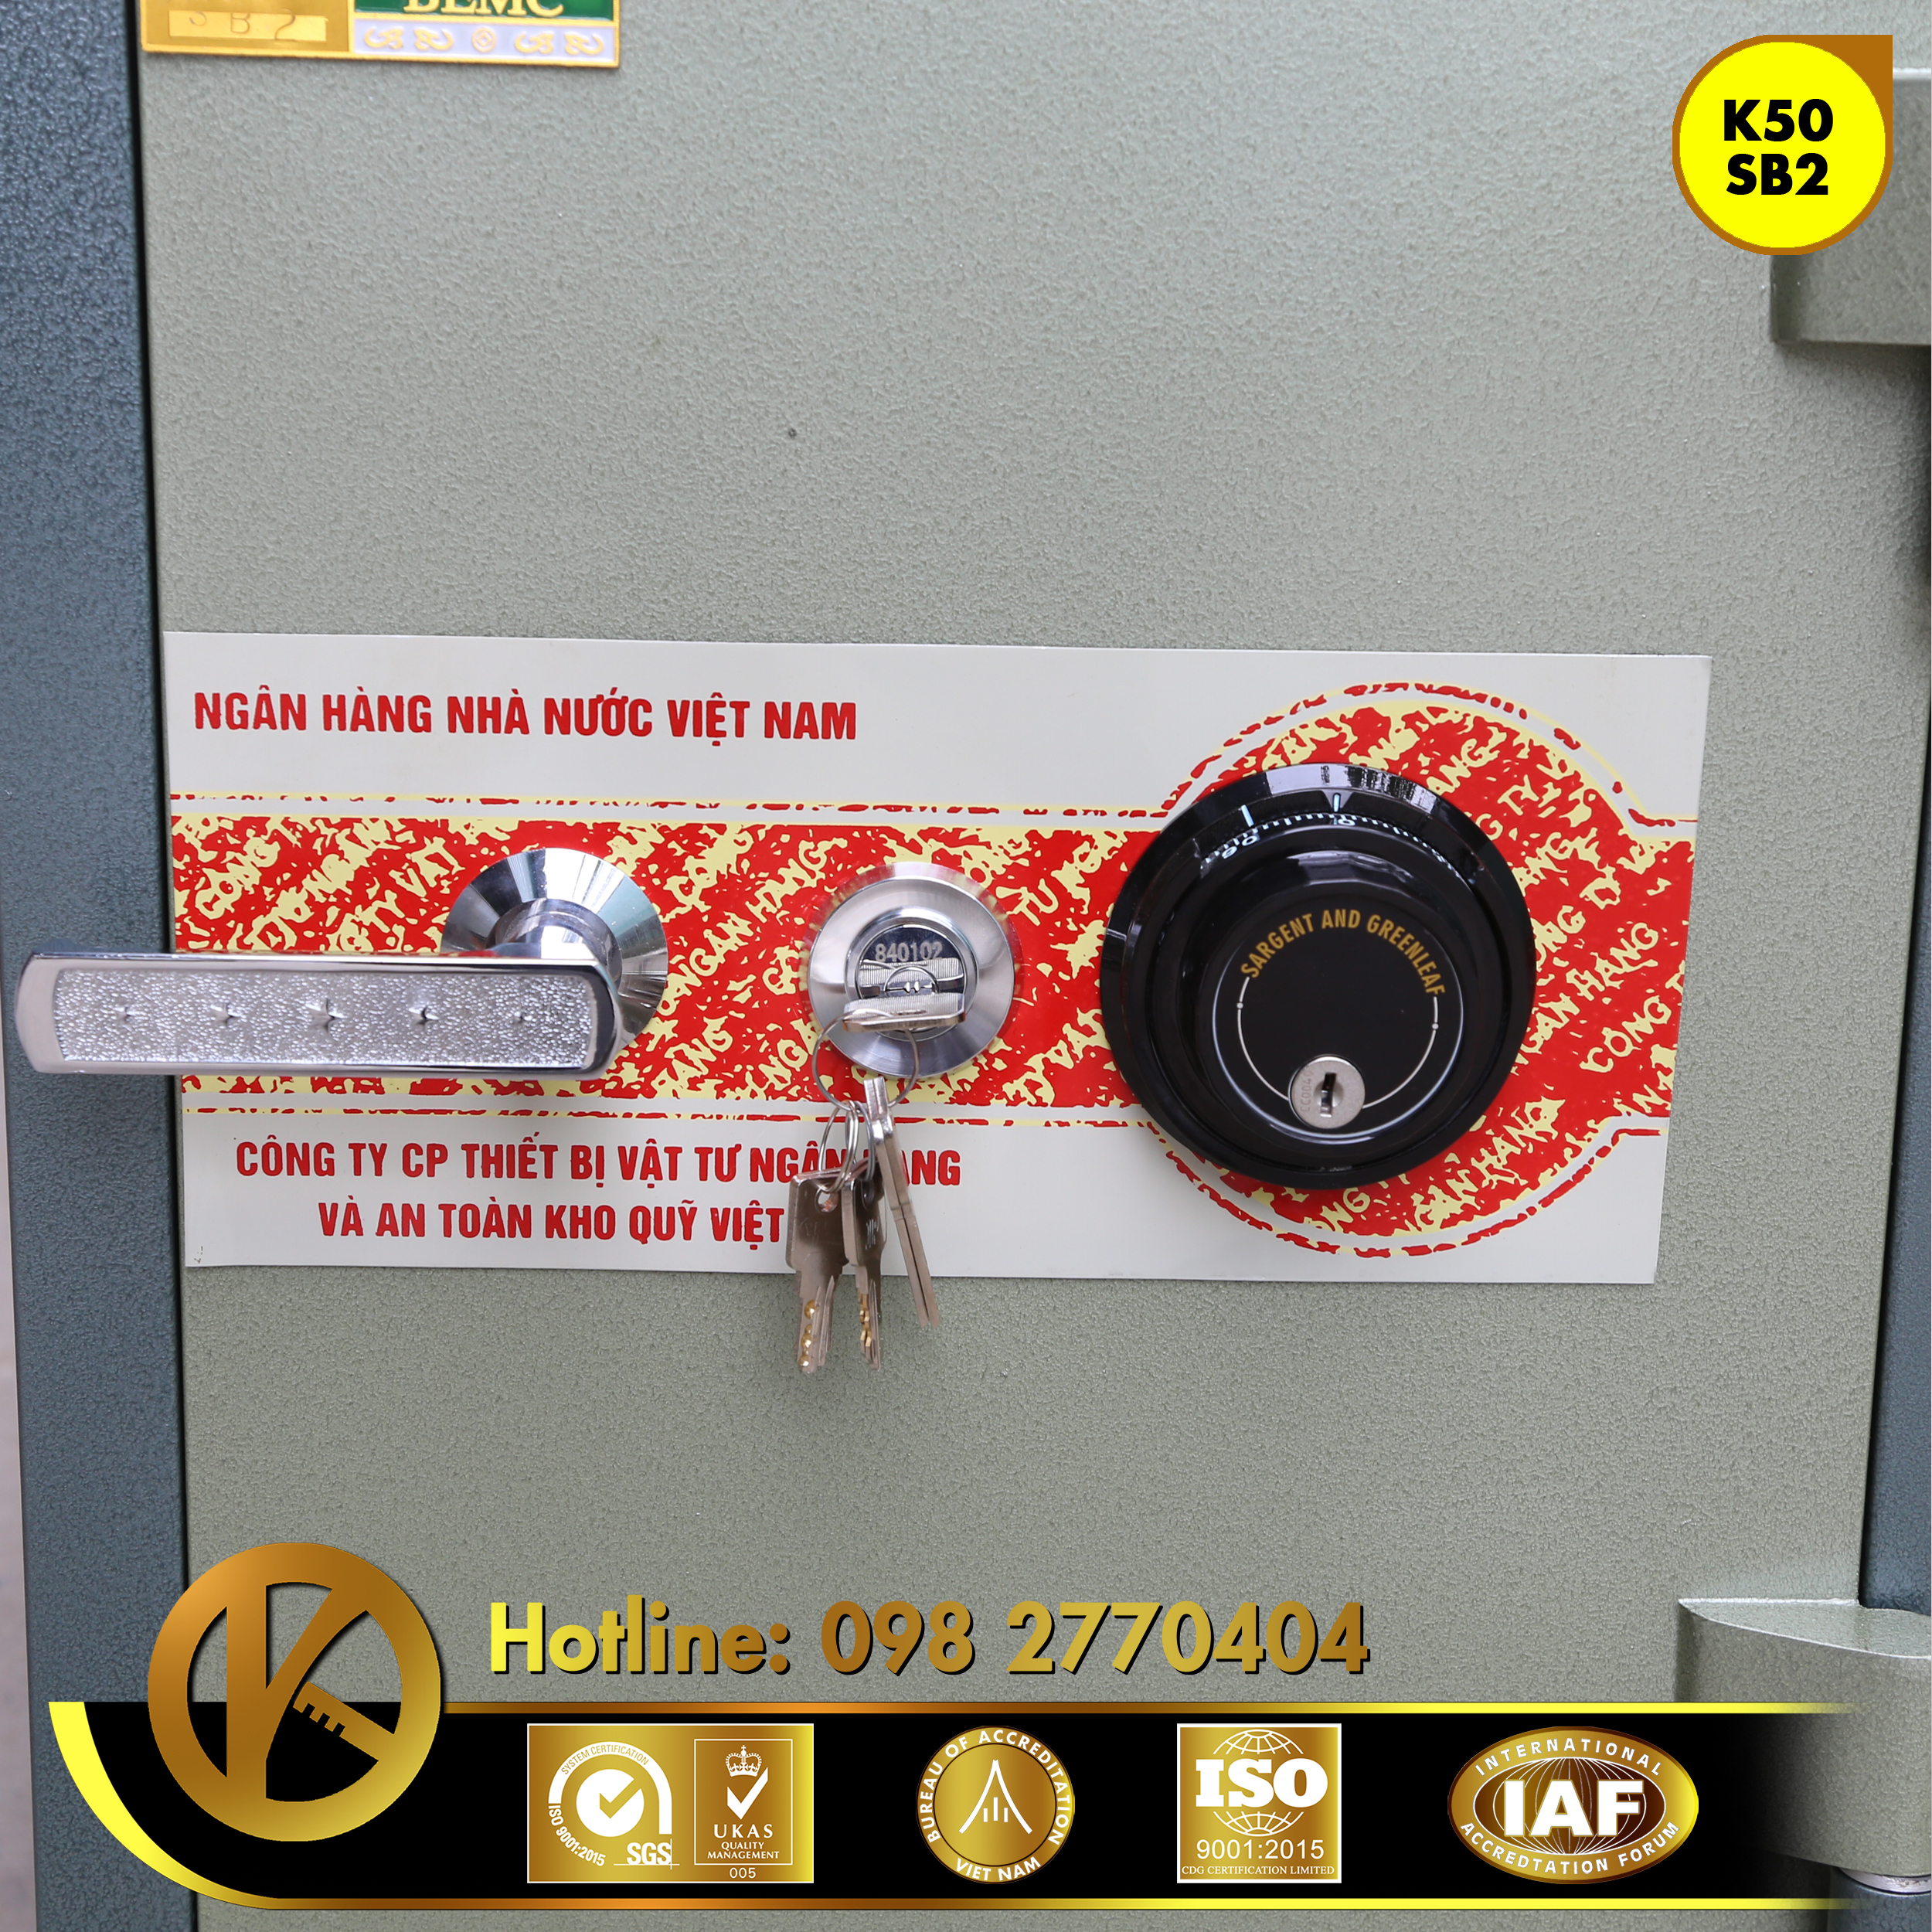 Két sắt ngân hàng K50SB2 khóa đổi mã